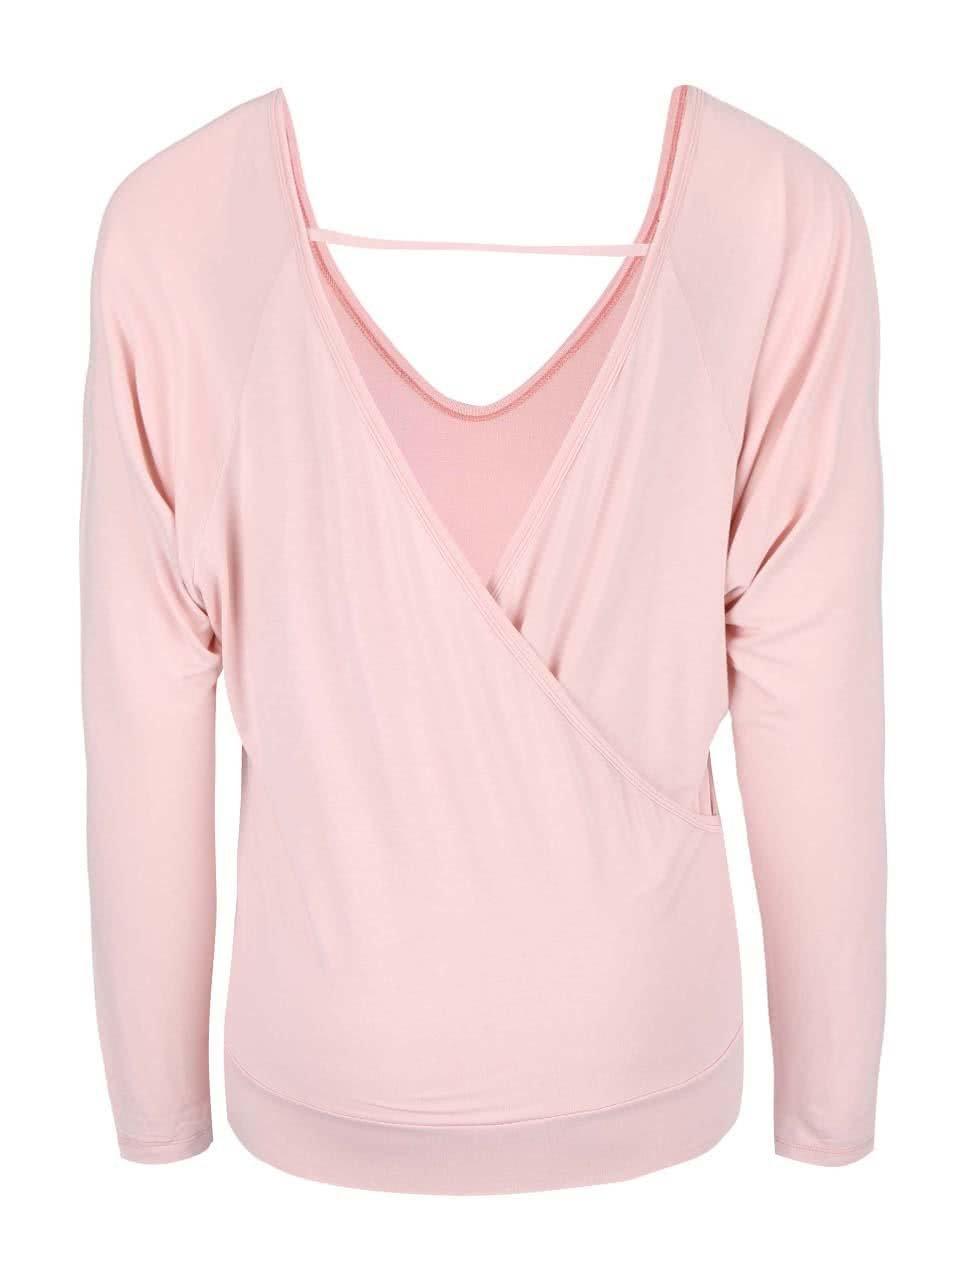 3a23a82e061 Světle růžové tričko s odhalenými zády DEHA ...